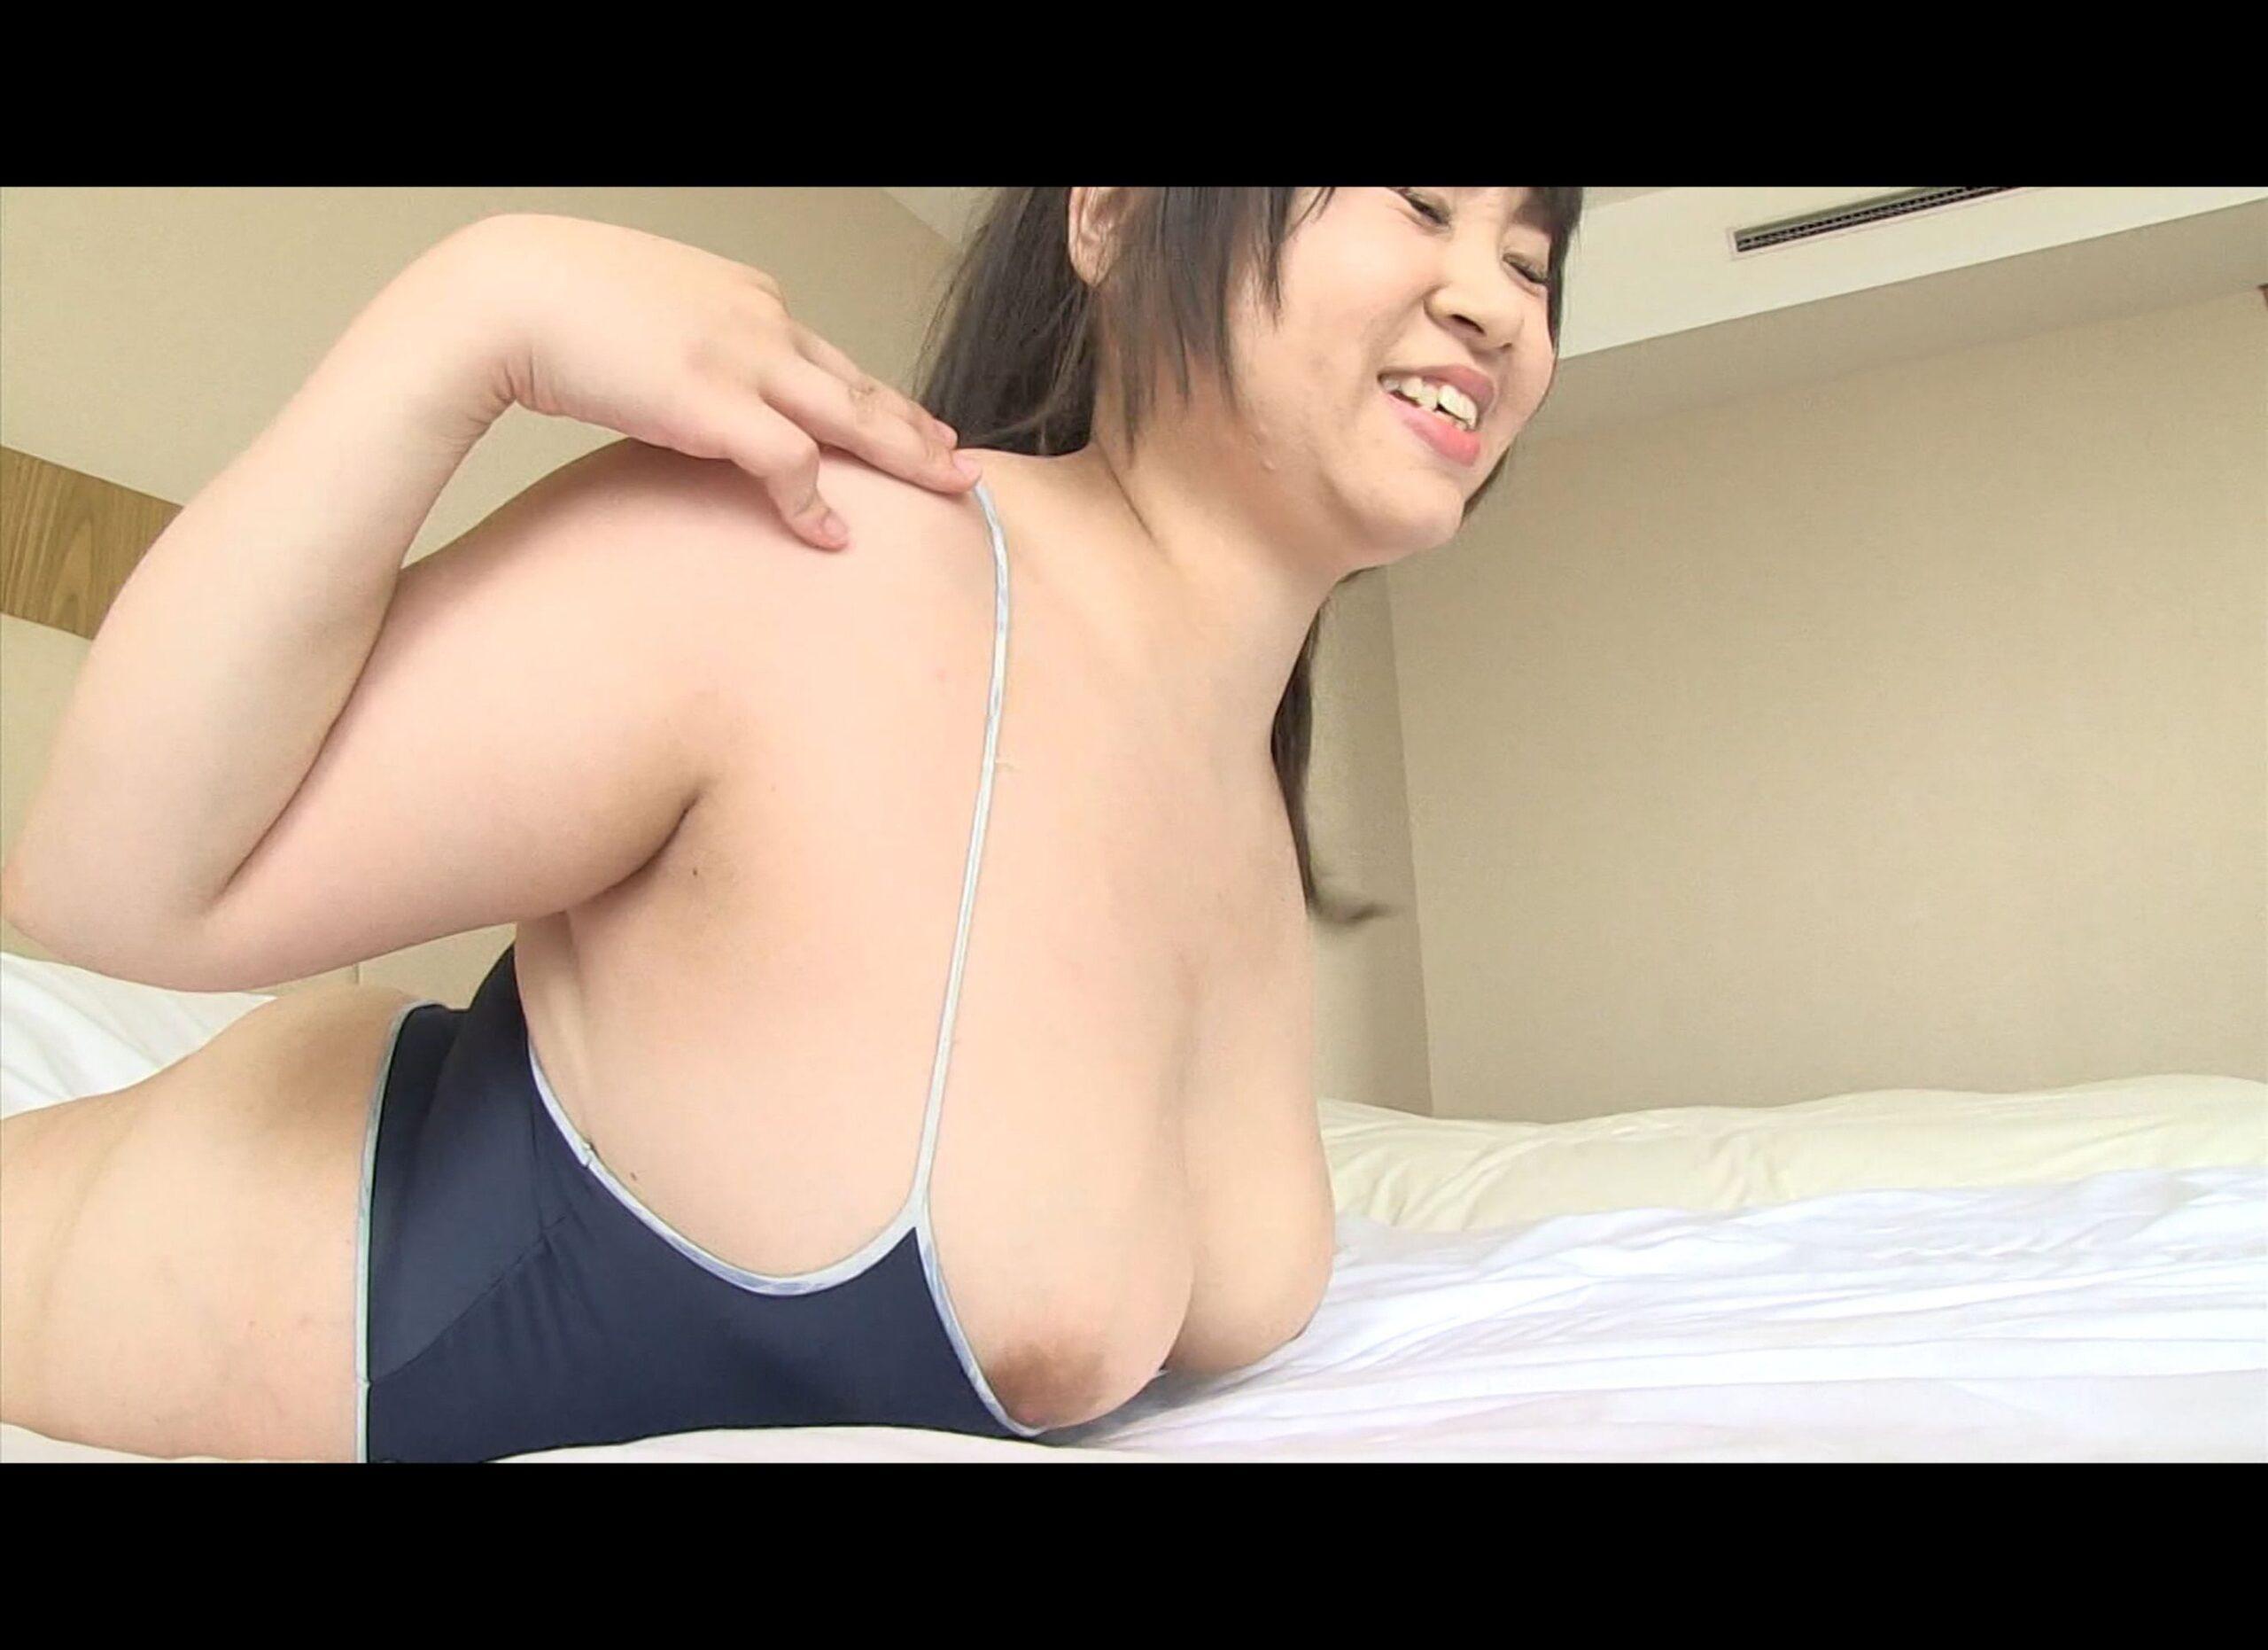 爆乳ハミ乳競泳水着 三苫うみ Episode.01 爆乳ハミ乳シリーズ  168photos